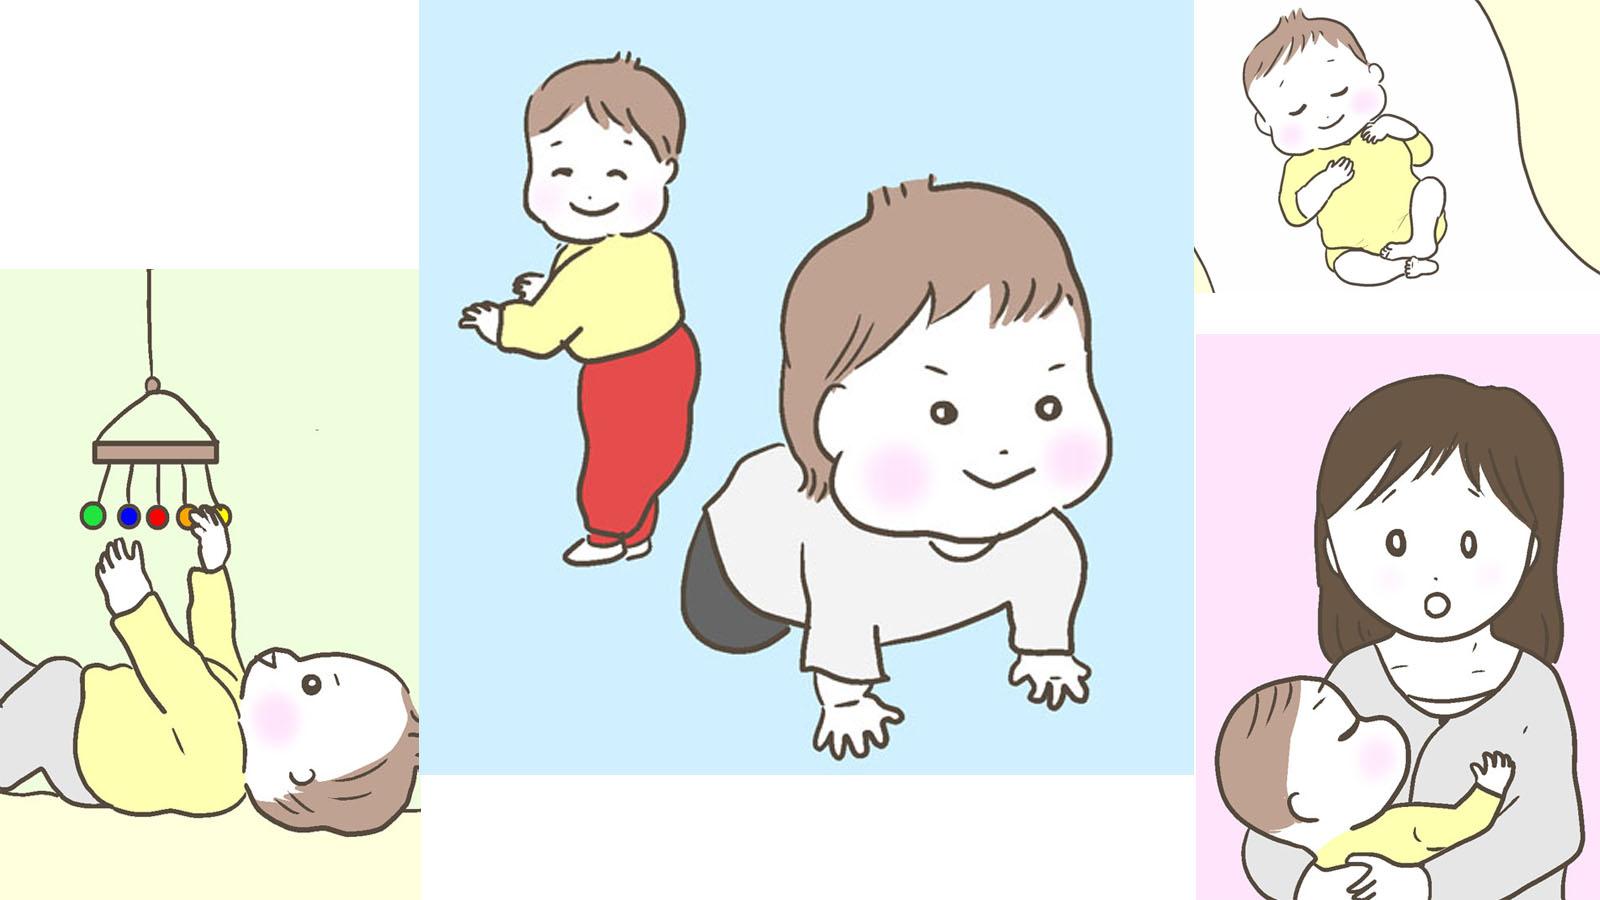 【連載】Q&Aマンガ 教えて!0~3歳のおもちゃと遊び